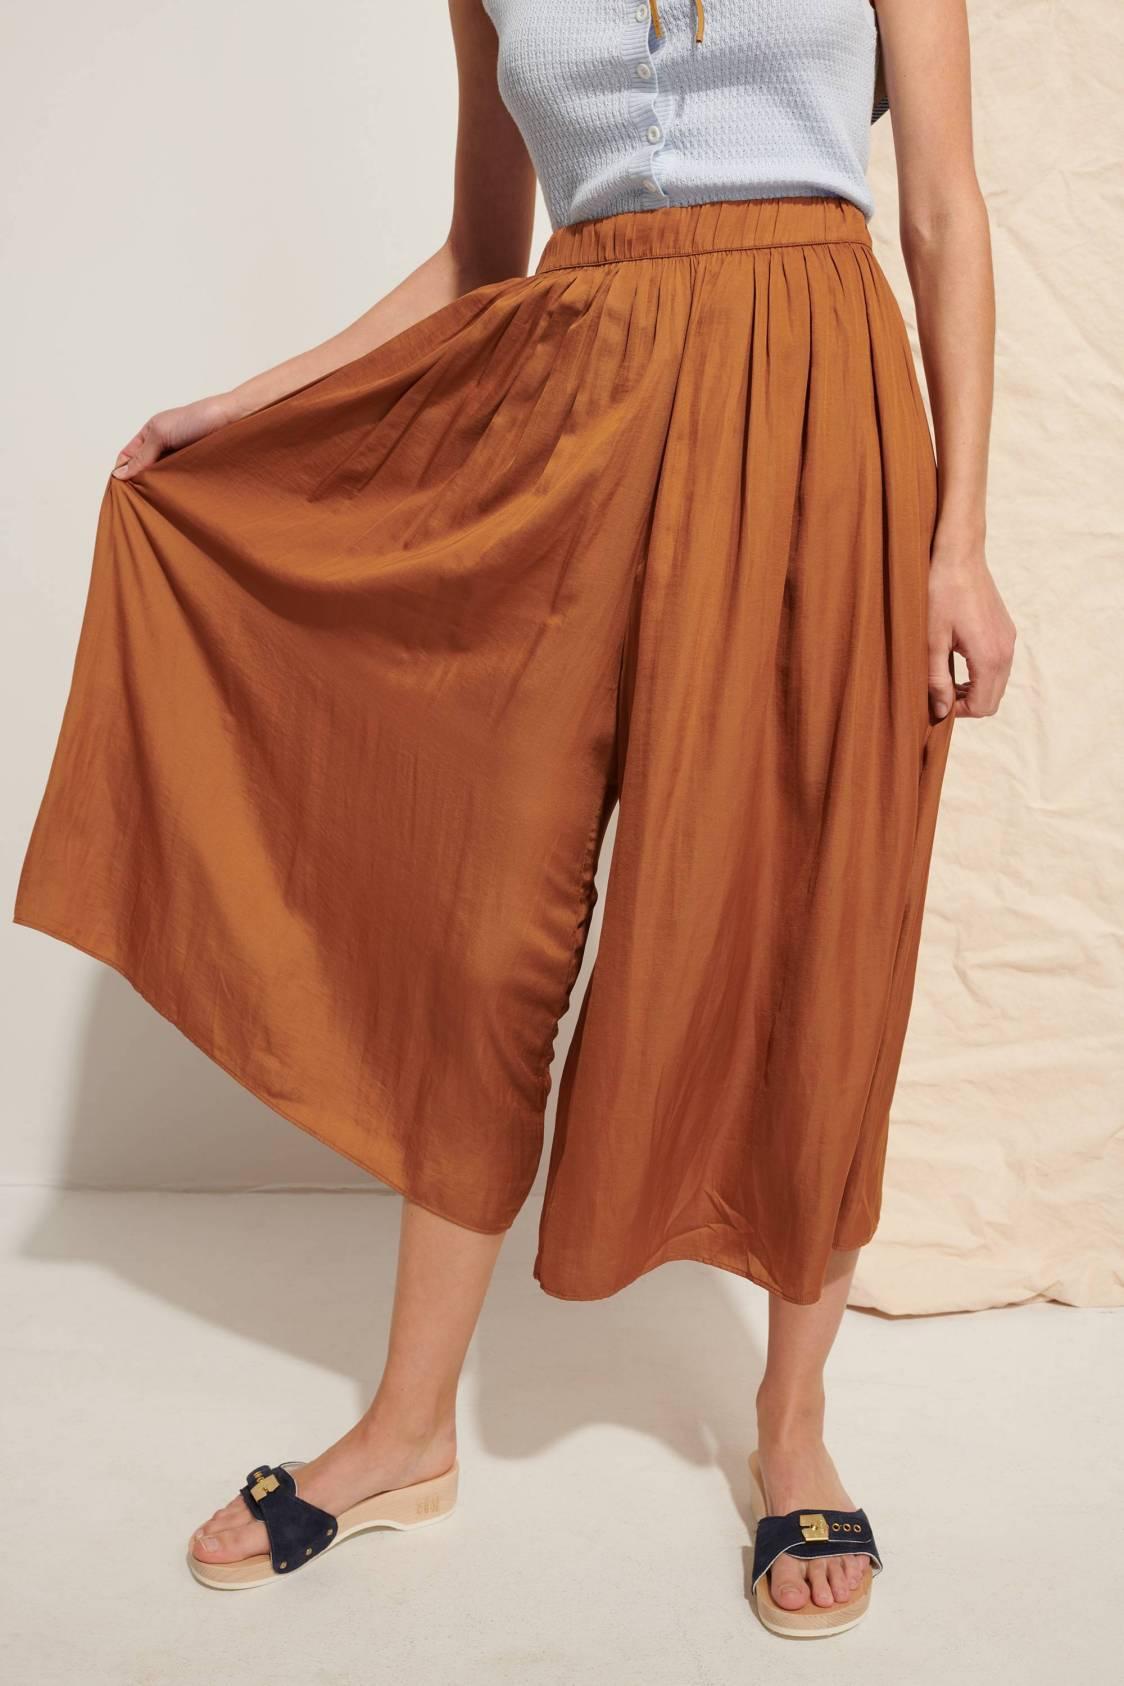 Fluid Divided Skirt